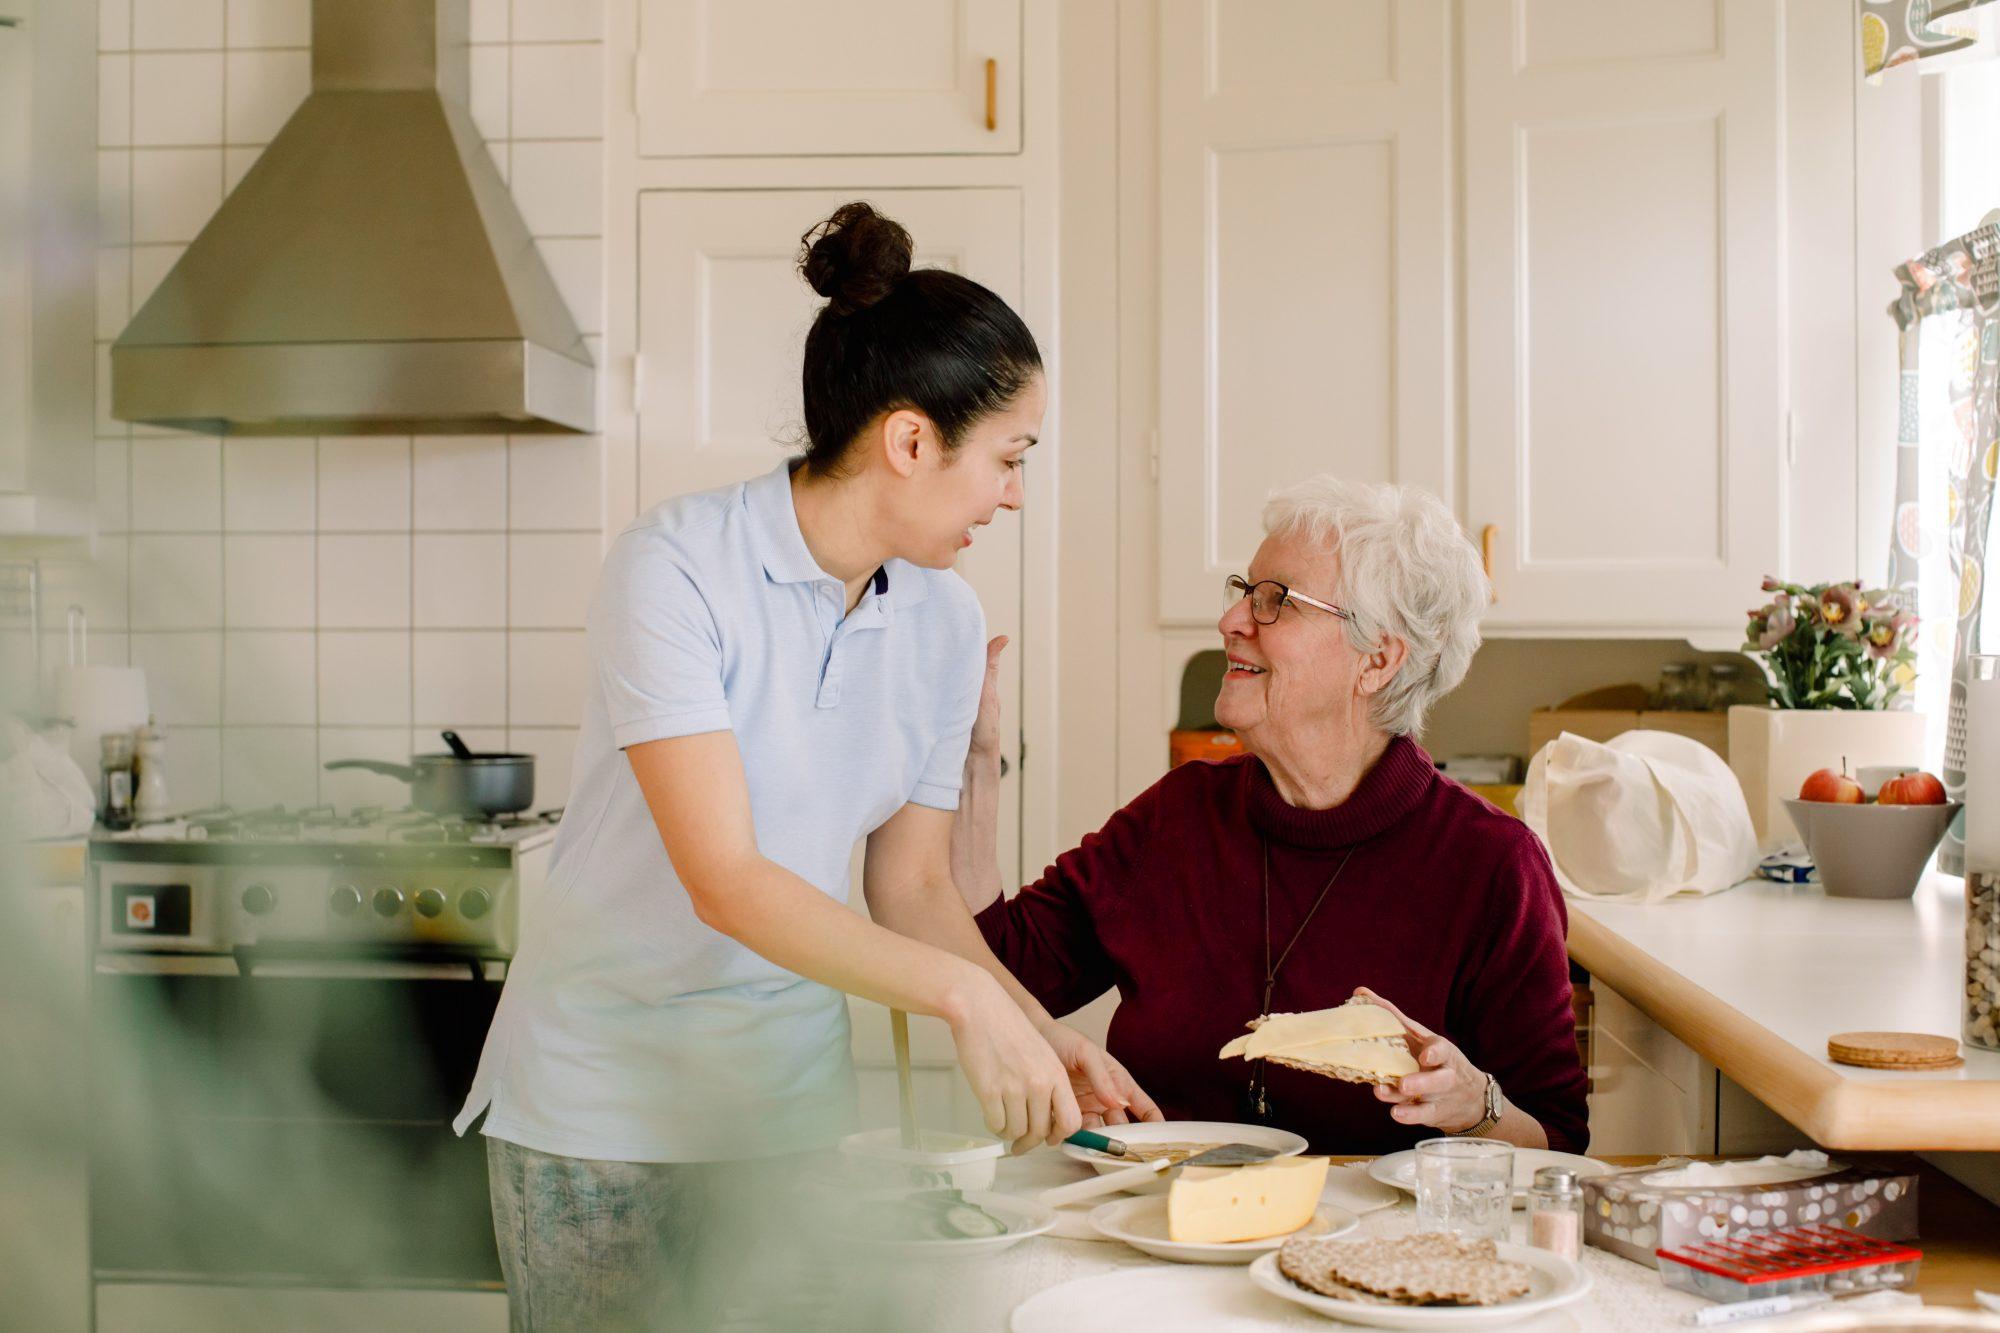 Elderly Person Getty 3/13/20